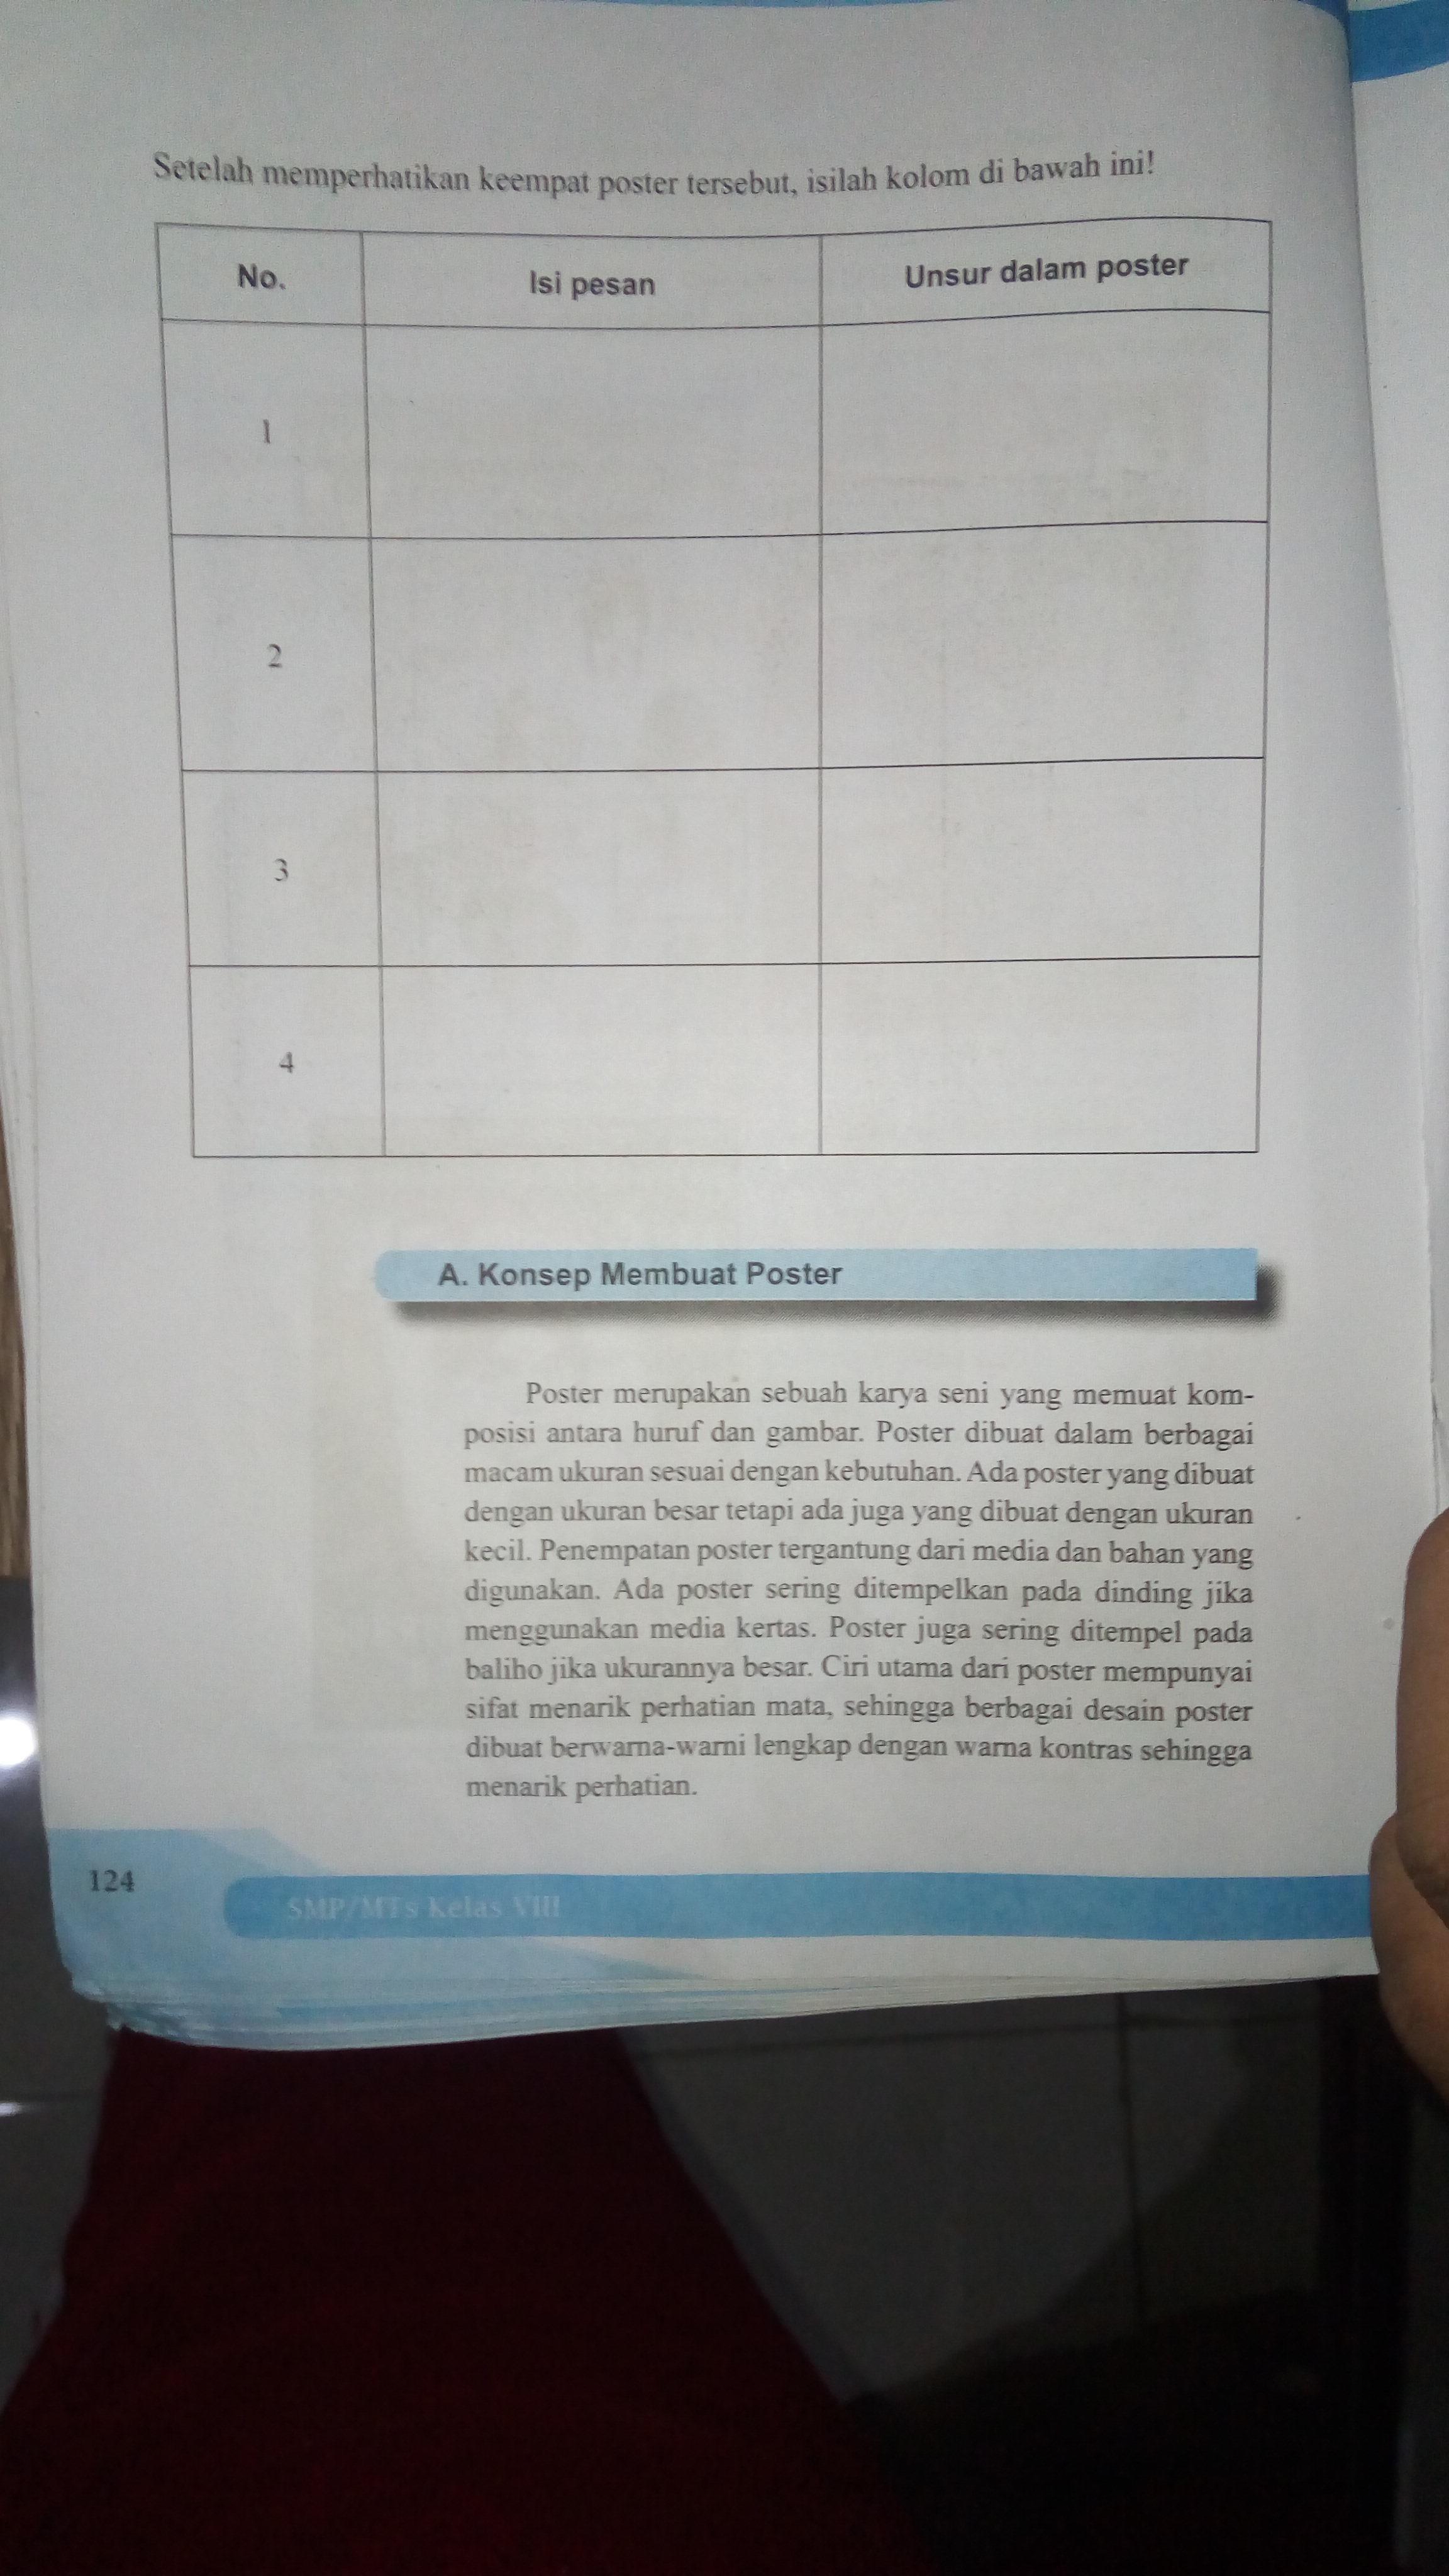 Jawaban Buku Paket Senibudaya Kelas 8 Halaman 124 Brainly Co Id